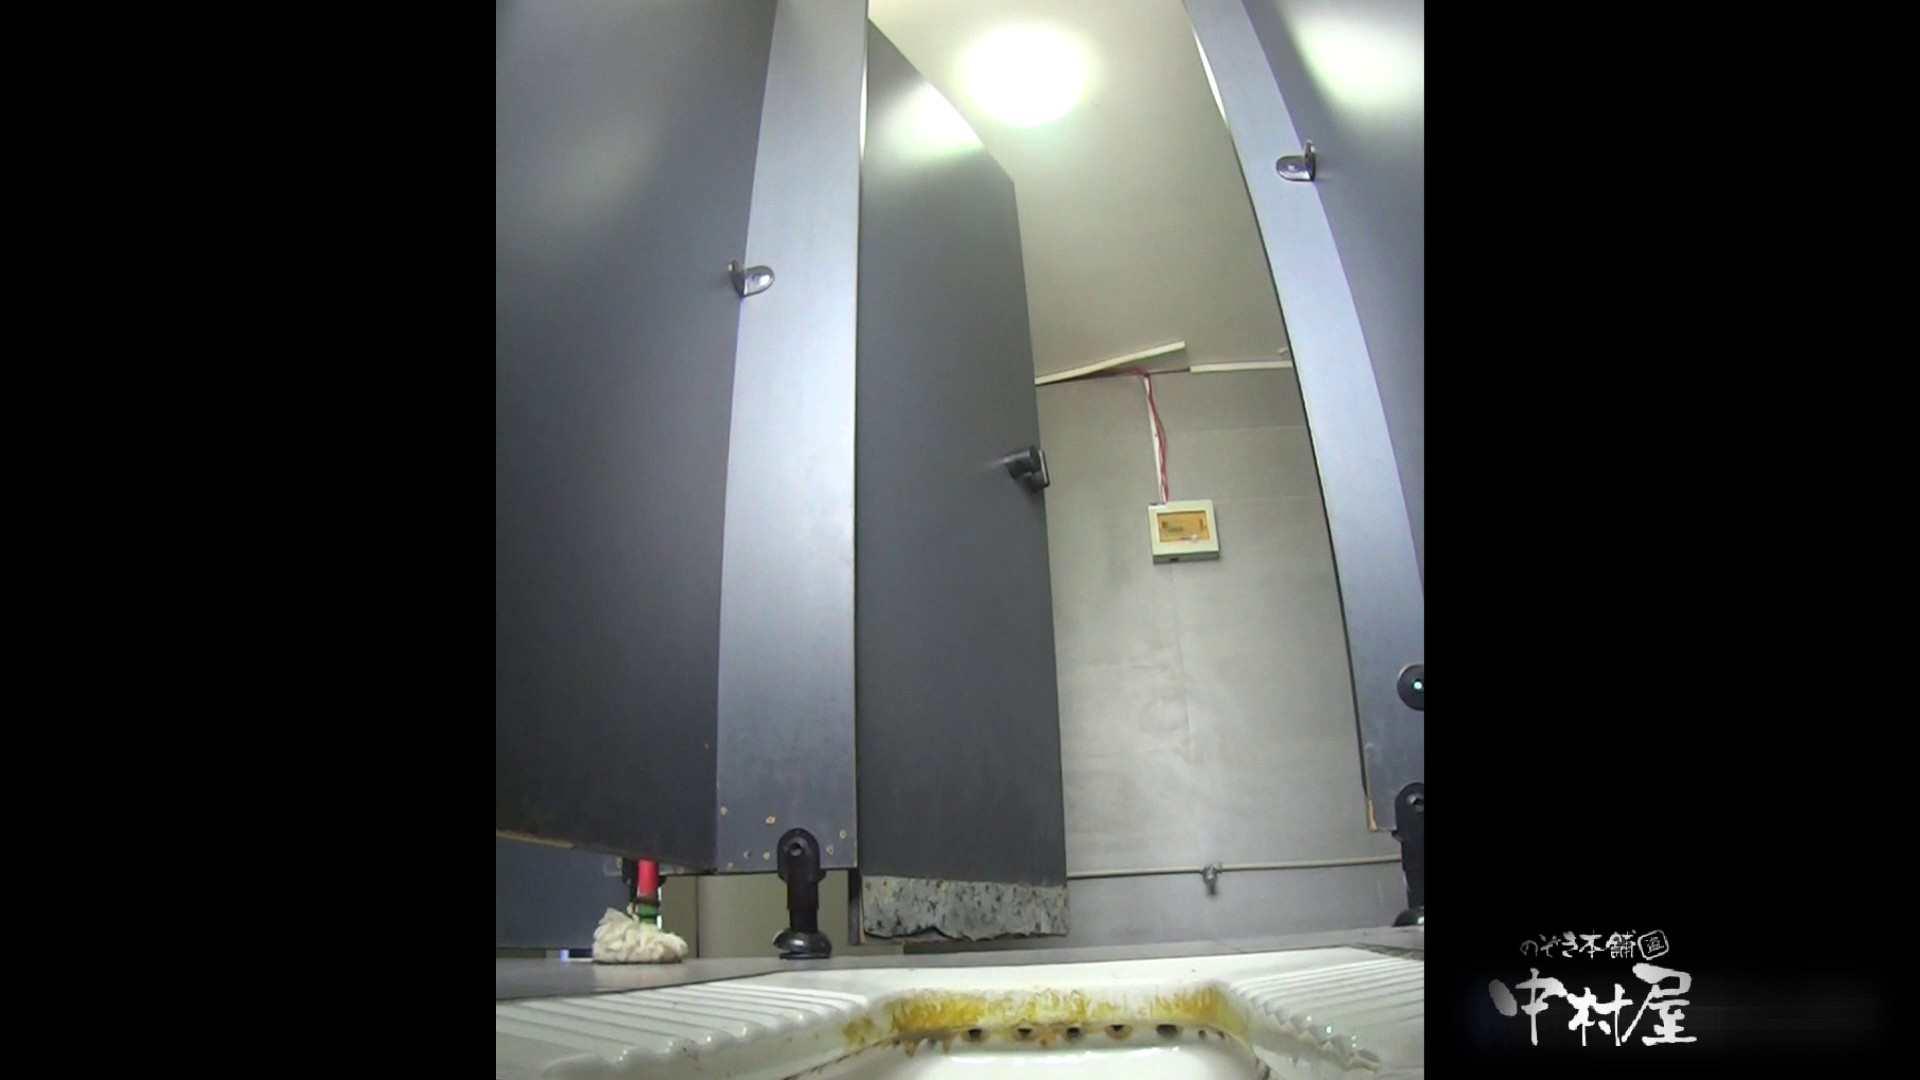 高画質で見る美女達の洗面所 大学休憩時間の洗面所事情14 乙女のエロ動画  107PIX 42